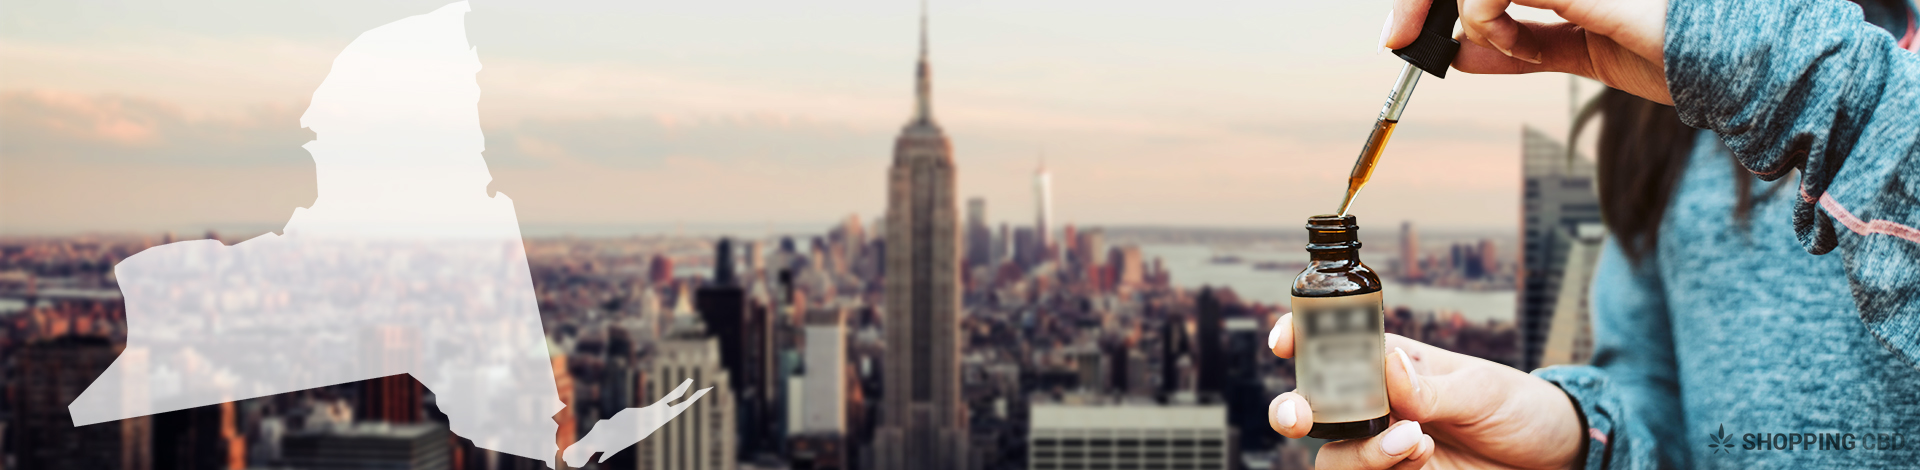 Where to Buy CBD Oil in New York